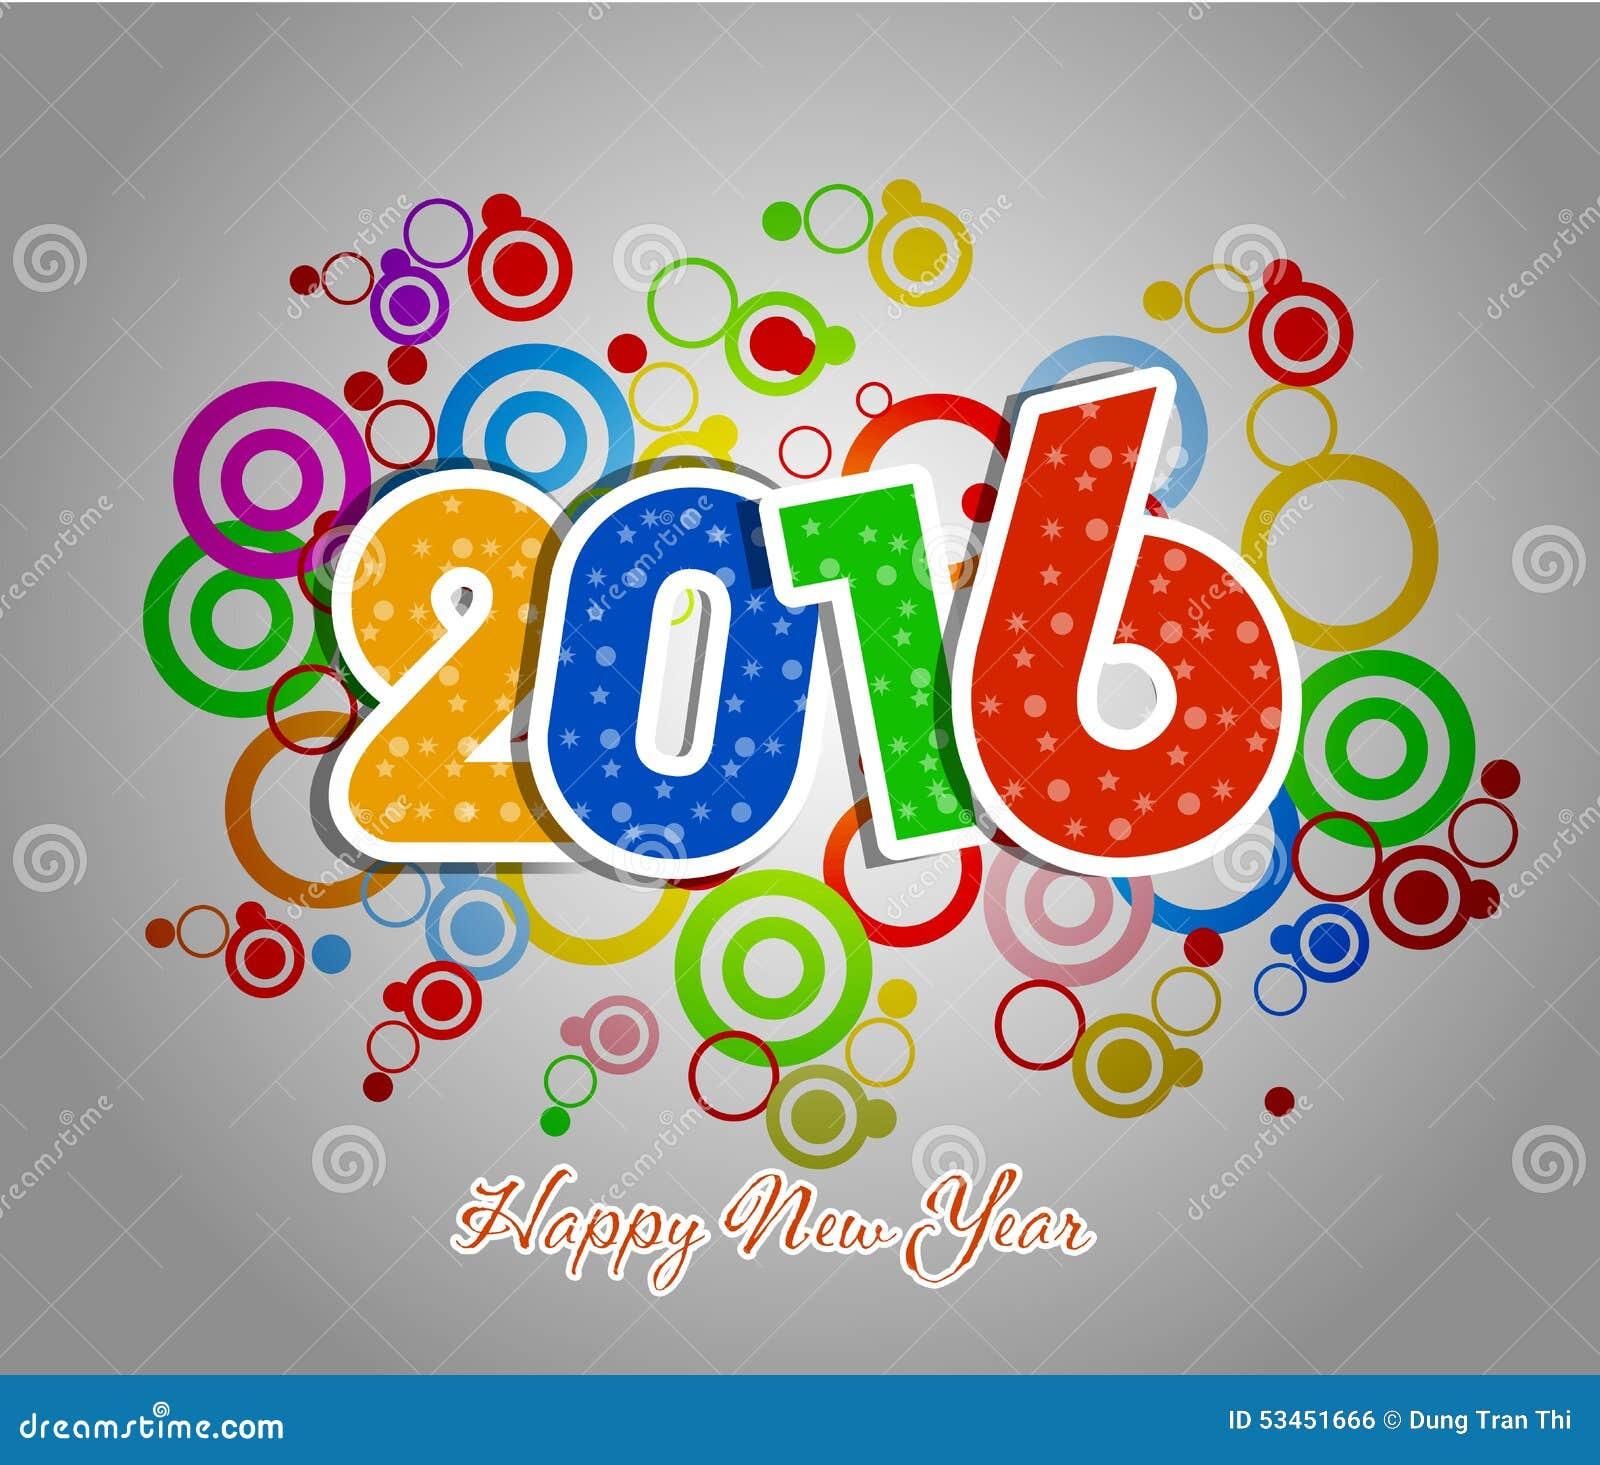 de gelukkige kaart van de nieuwjaar 2016 groet vector illustratie afbeelding 53451666. Black Bedroom Furniture Sets. Home Design Ideas